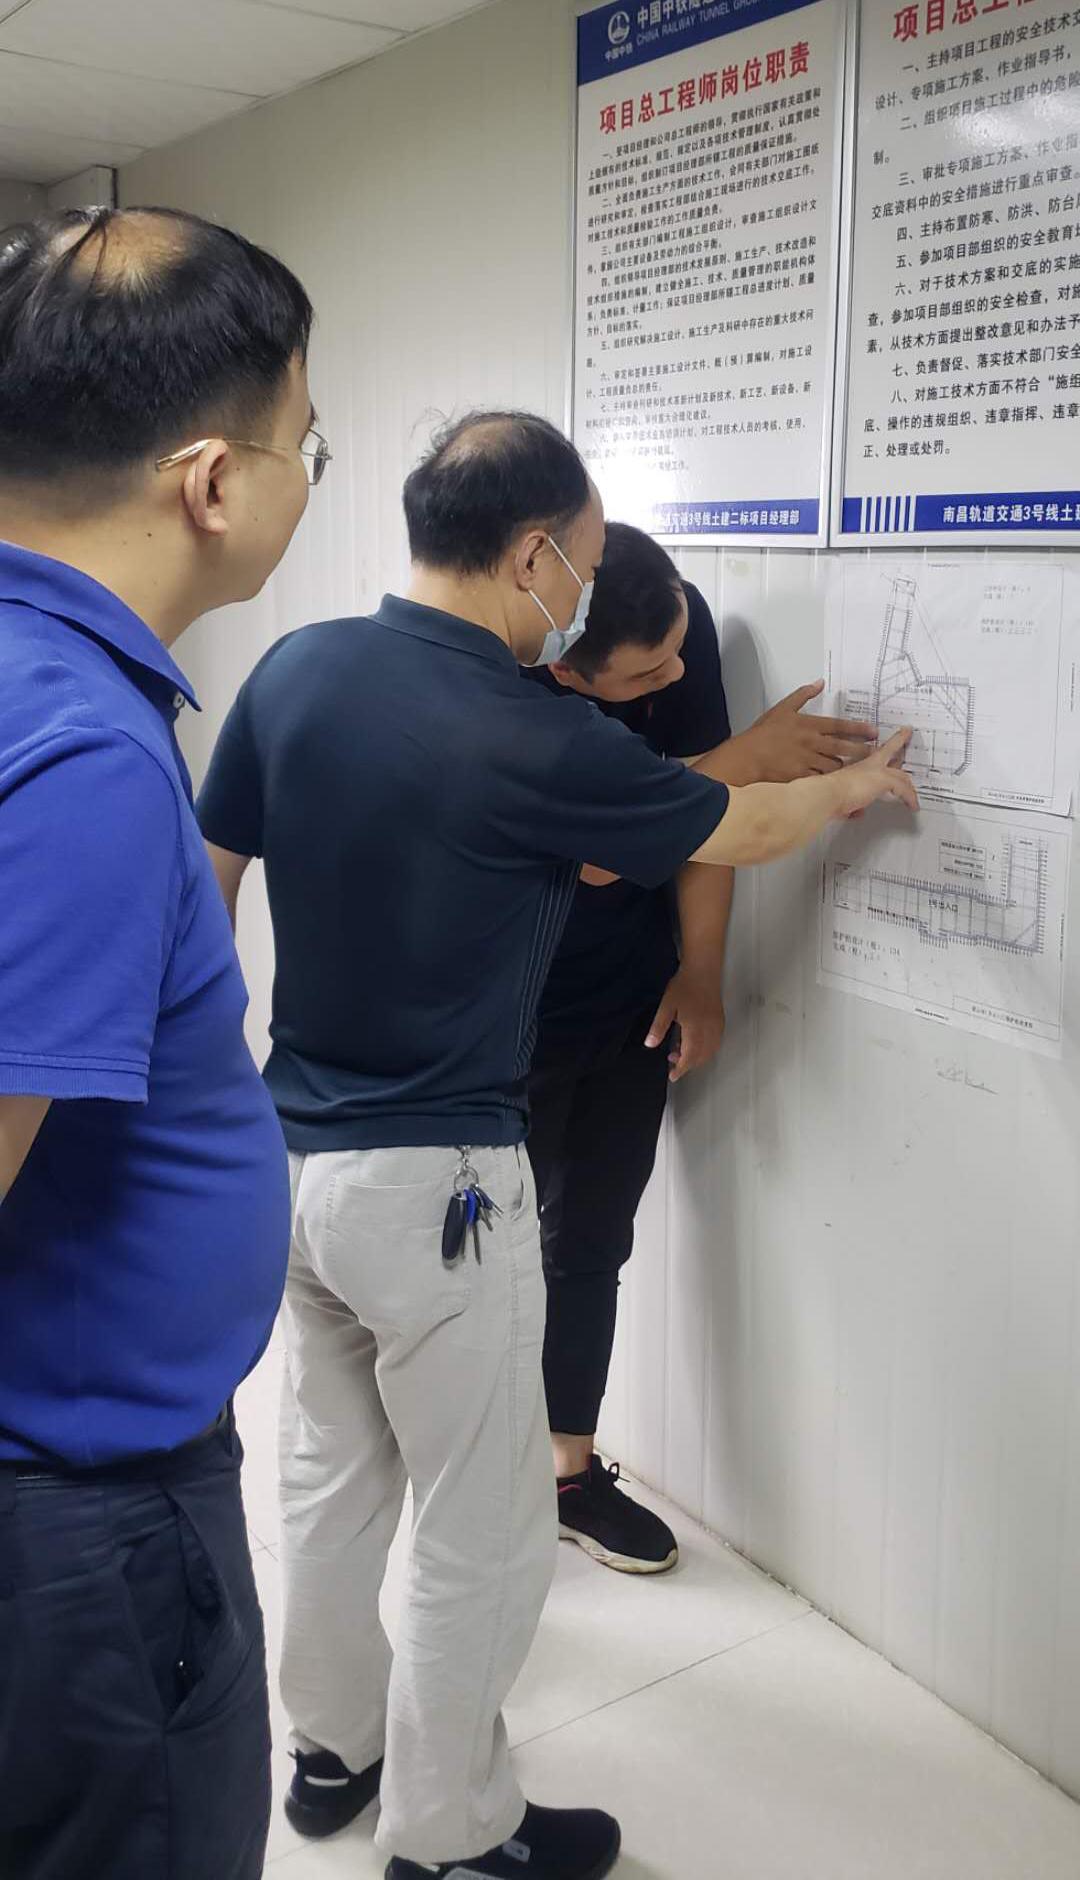 南昌市发改委能源处开展天然气长输管道保护和电力设施汛期安全生产督查工作